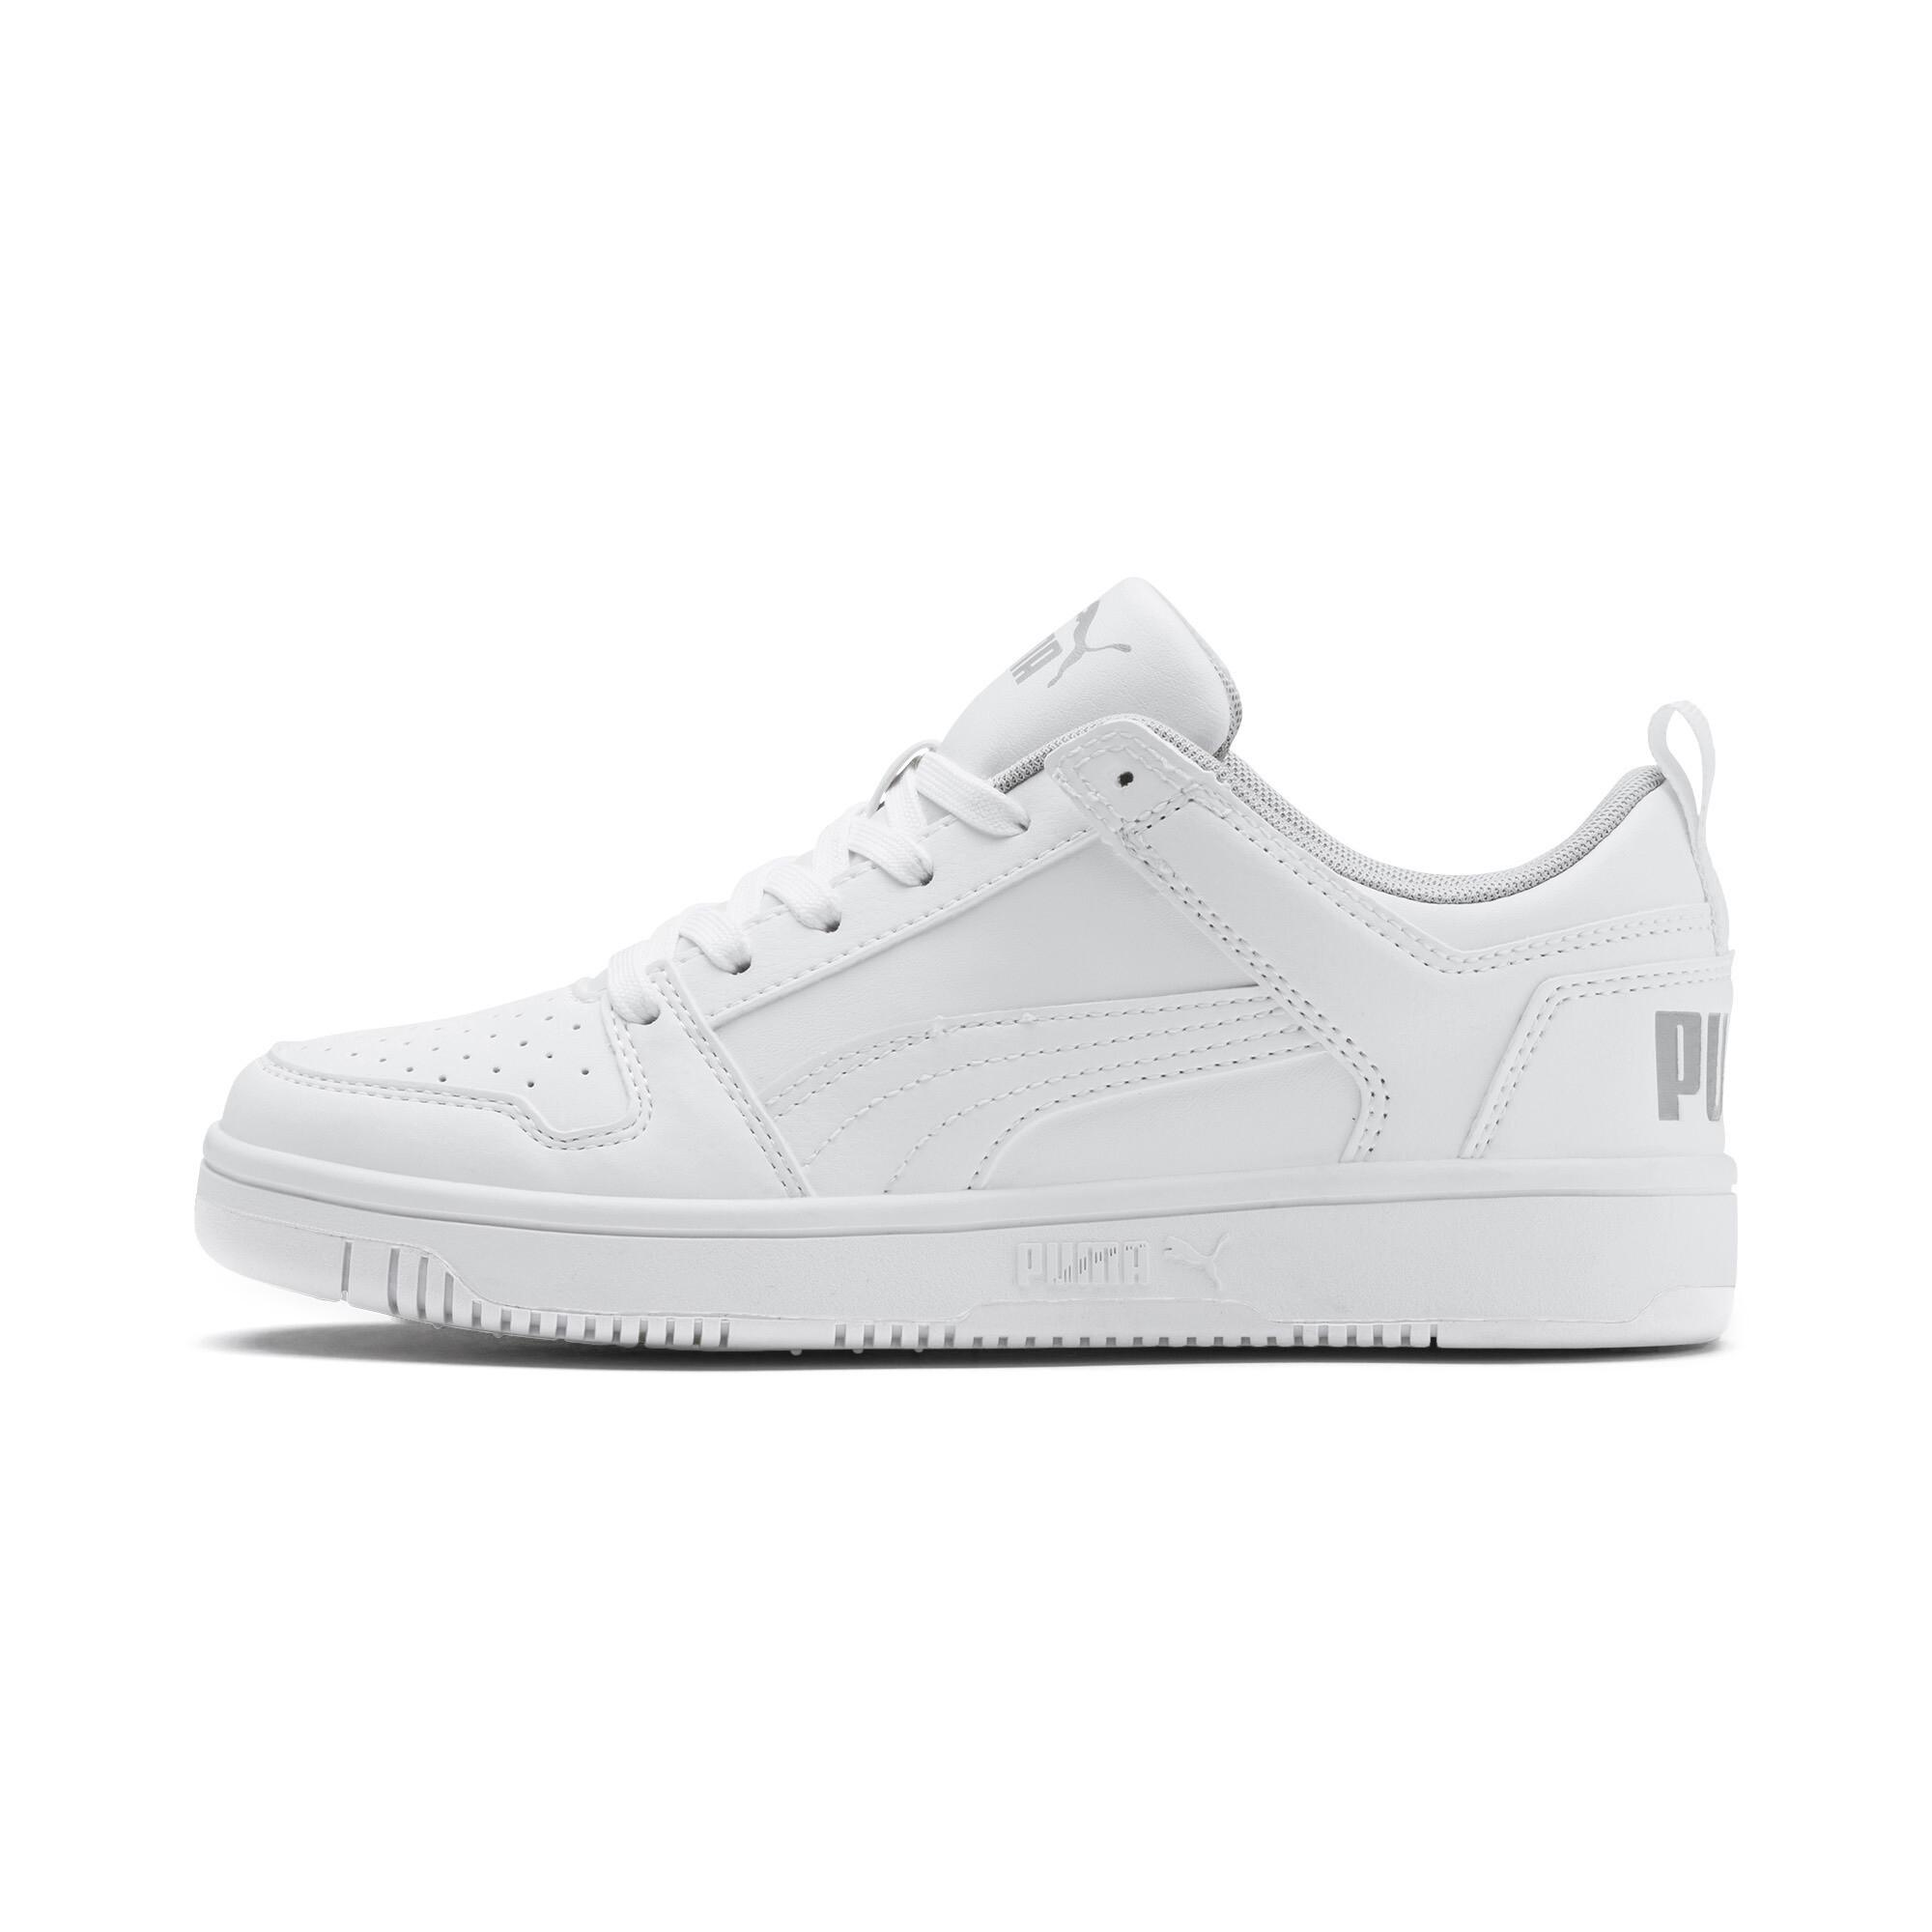 PUMA-PUMA-Rebound-LayUp-Lo-Sneakers-JR-Boys-Shoe-Kids thumbnail 4